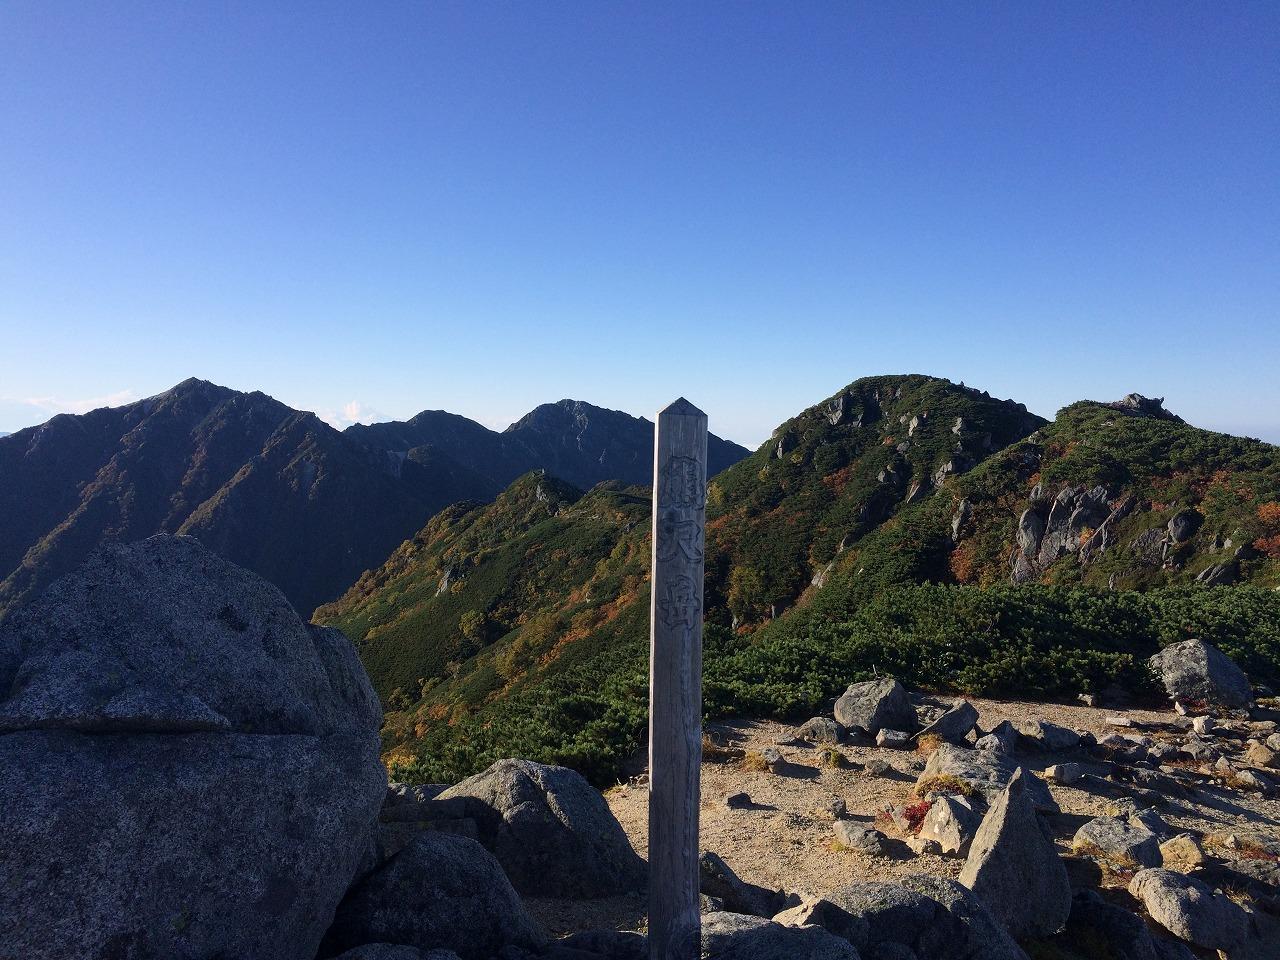 熊沢岳山頂、遠方には空木岳。